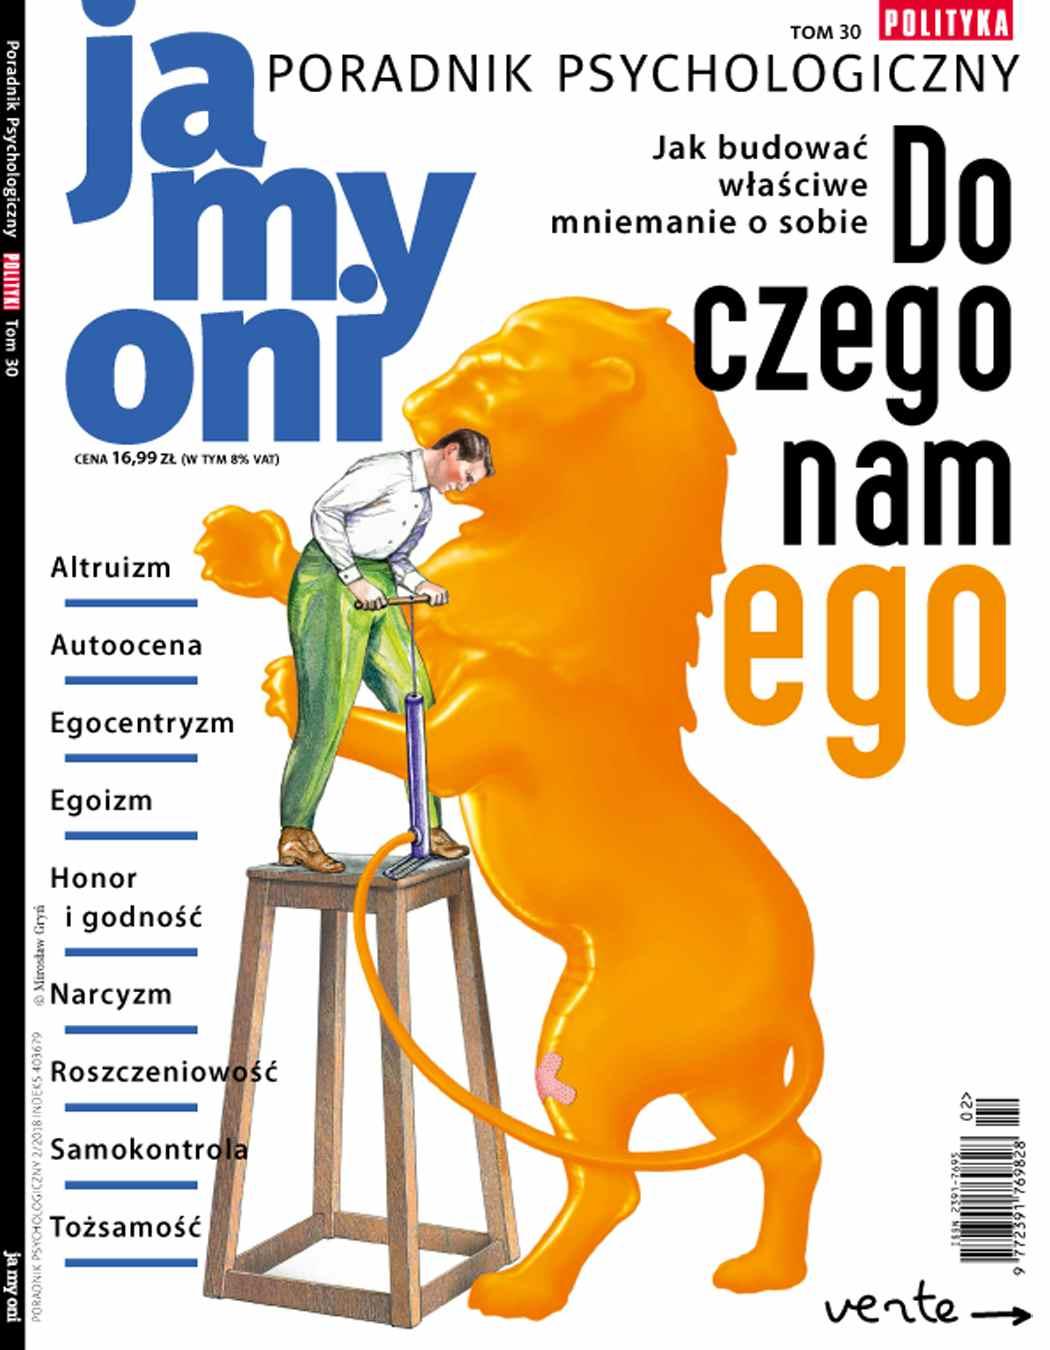 Poradnik Psychologiczny: Do czego nam ego - Ebook (Książka PDF) do pobrania w formacie PDF